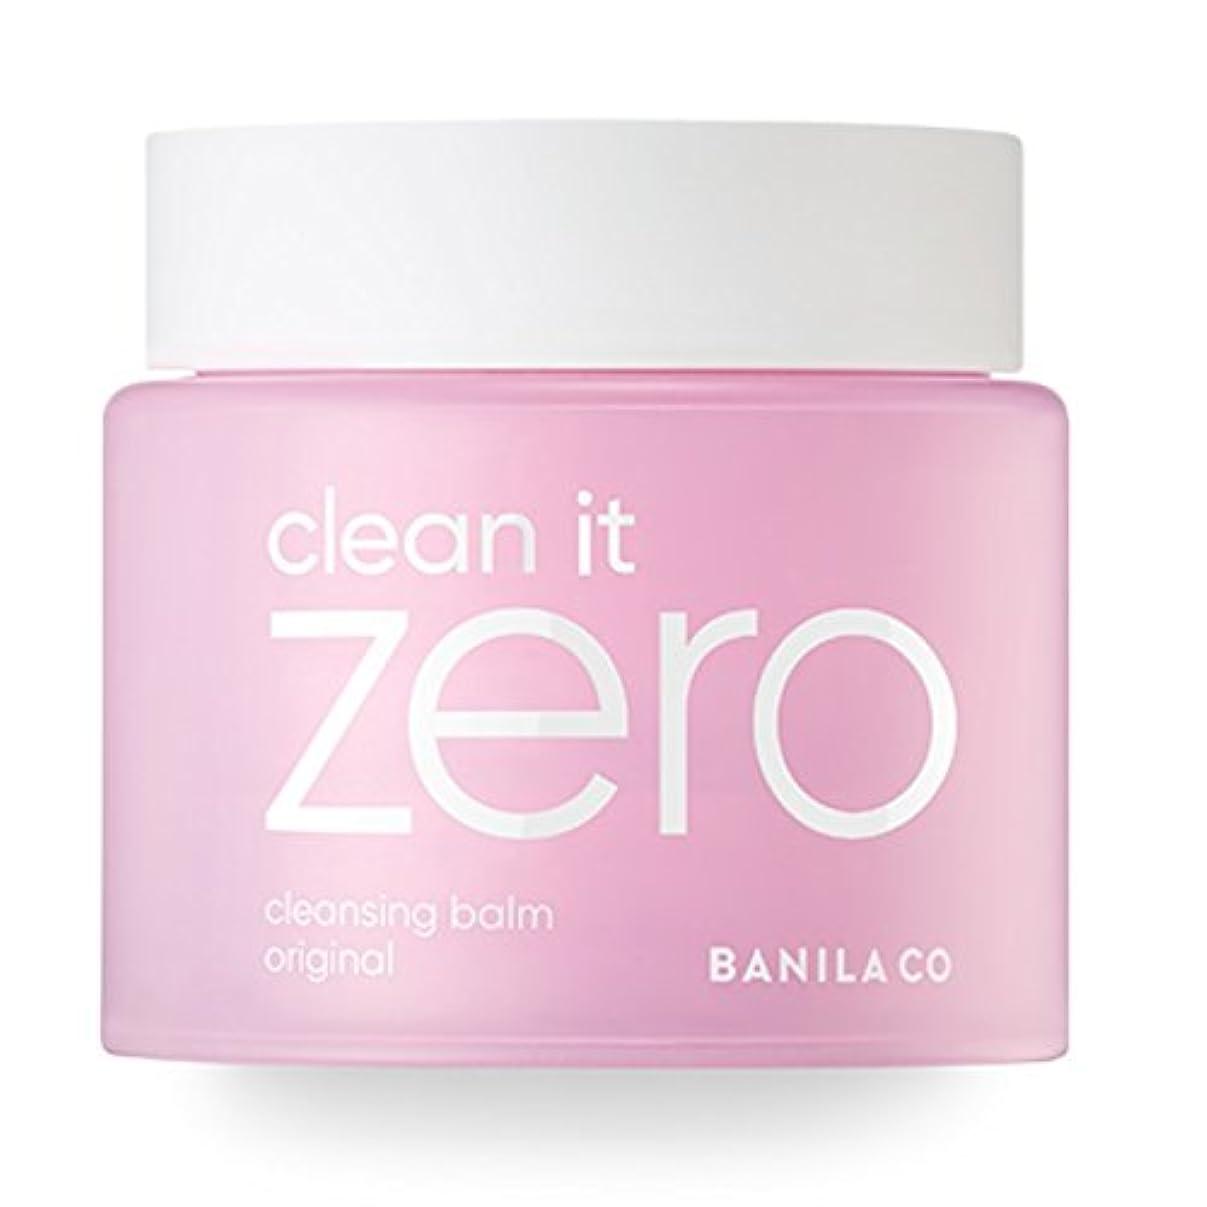 並外れたネックレット書き出す[banila co.] Clean It Zero 100ml (sherbet cleanser) (Clean It Zero Ultra Size 180ml (Original))